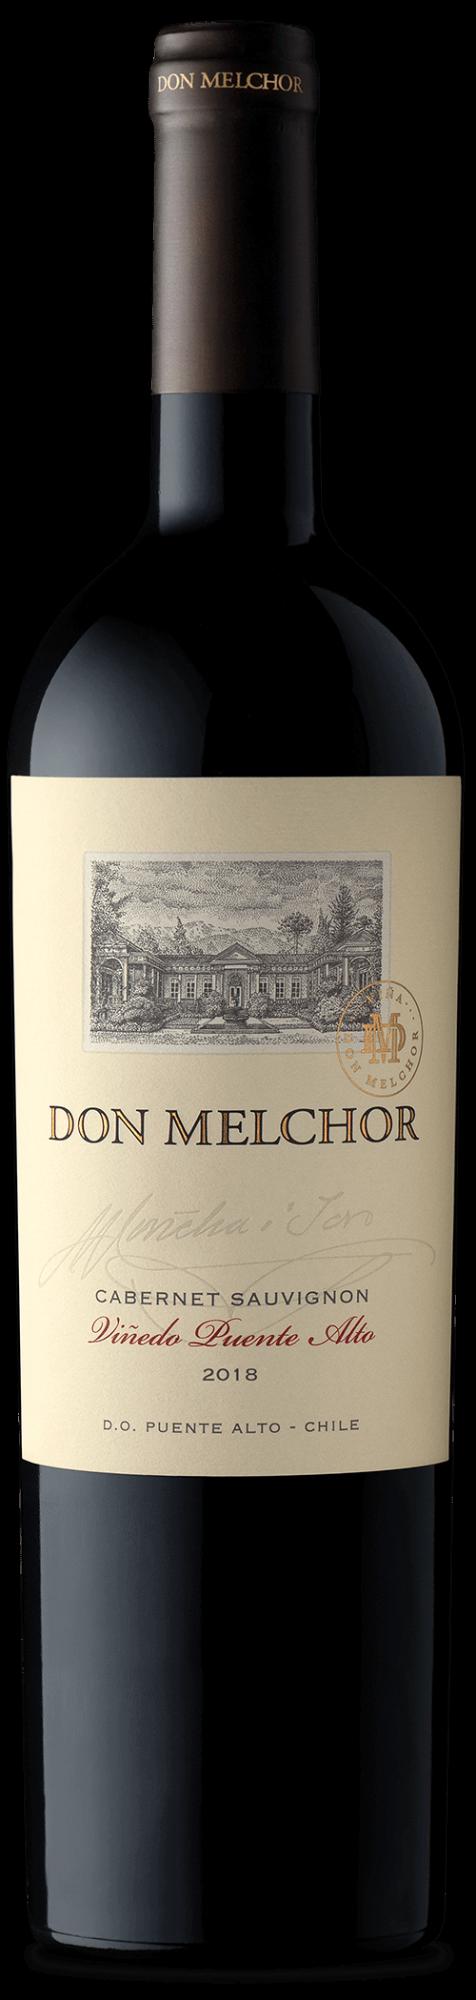 Don Melchor 2018